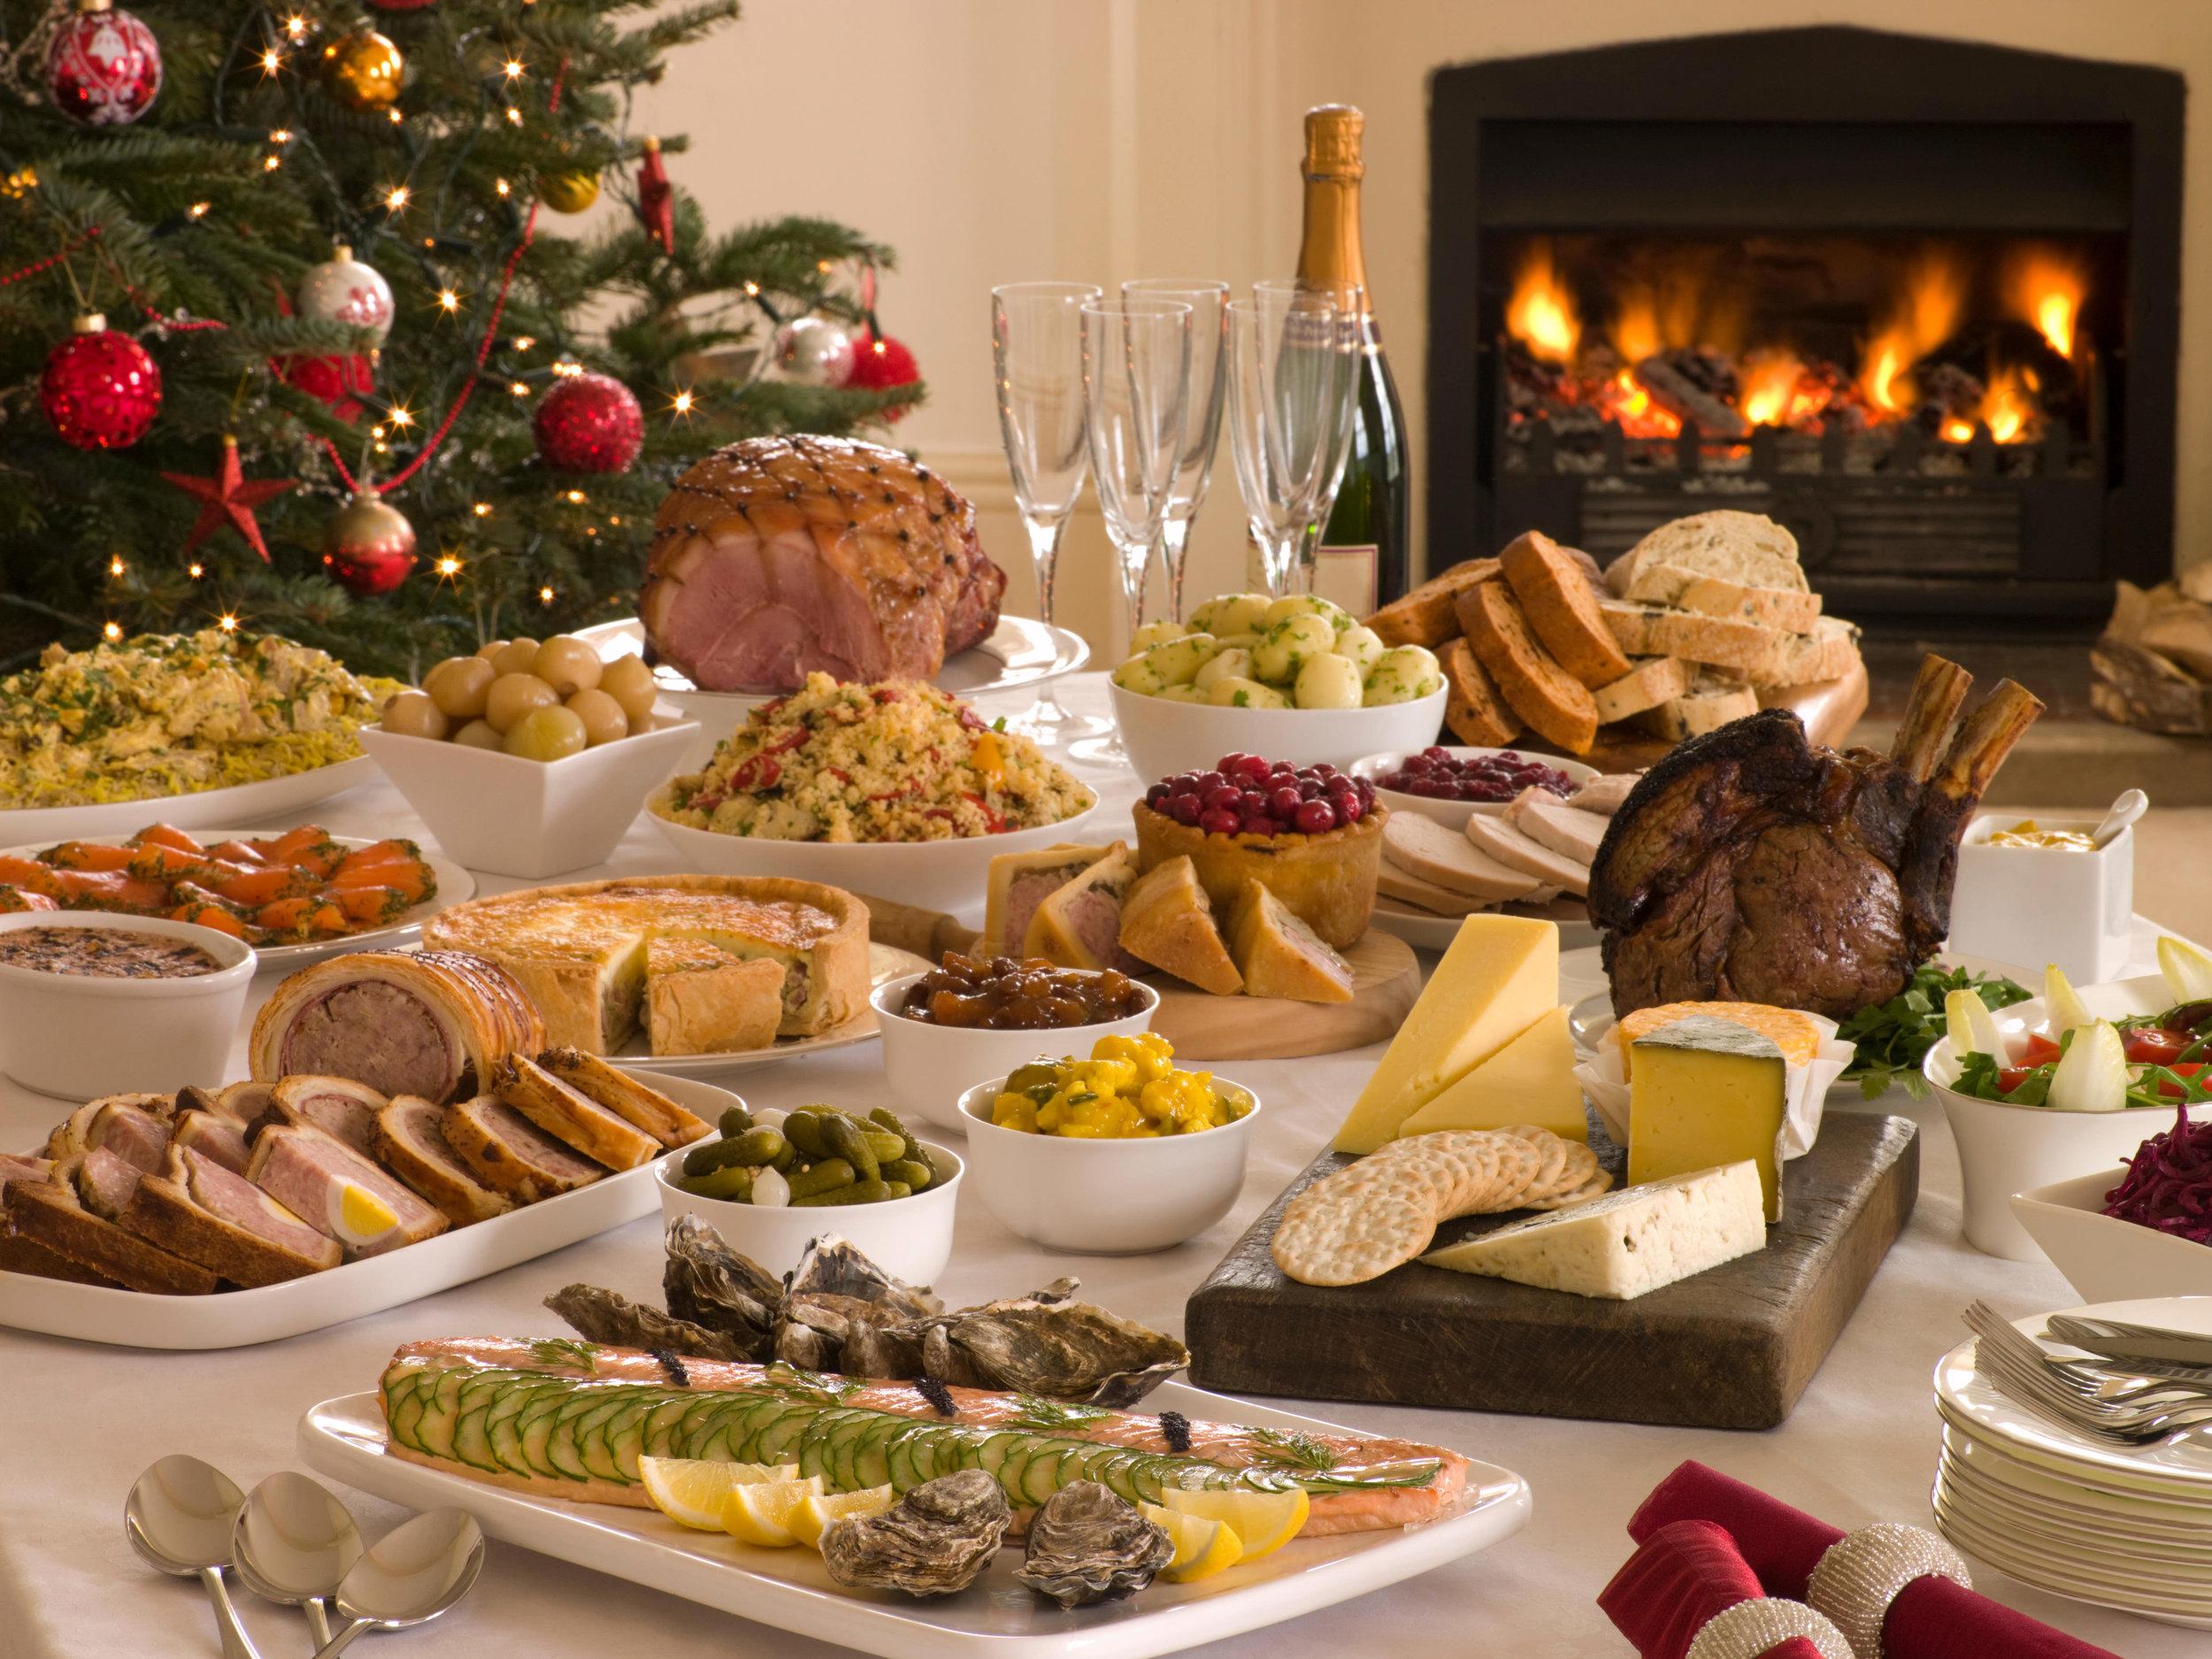 Christmas-food.jpg